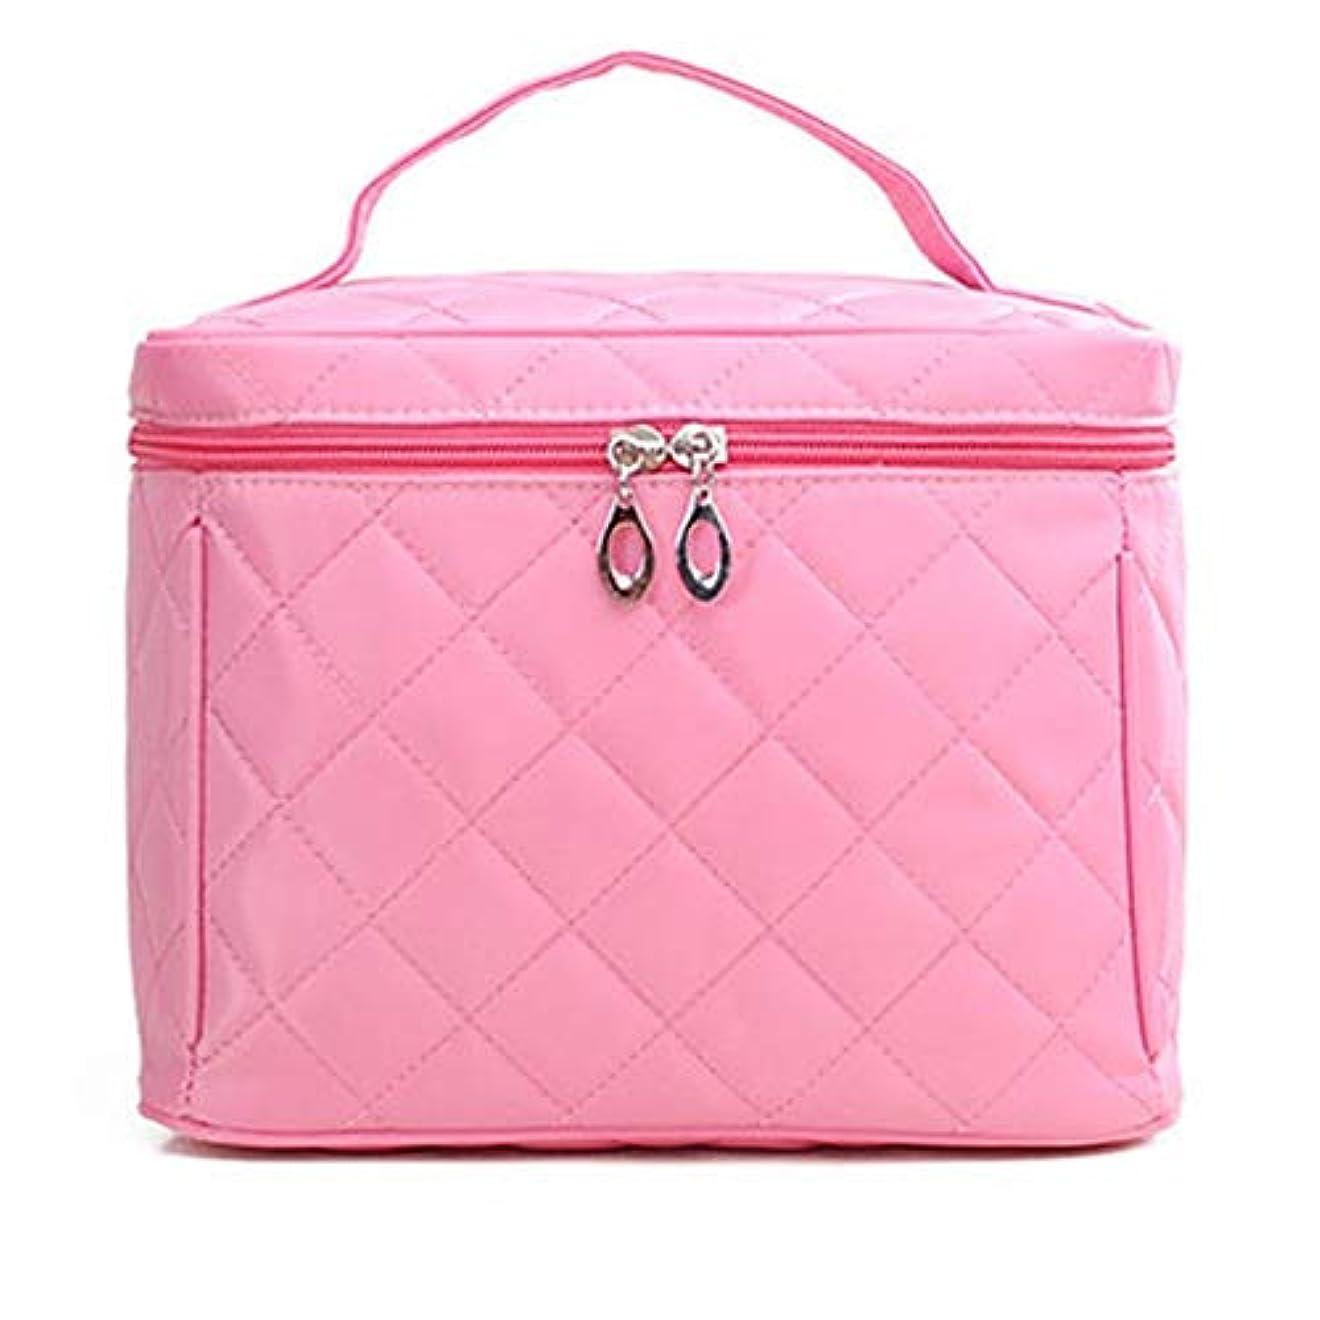 化粧オーガナイザーバッグ プロフェッショナルメイクアップアーティスト大容量化粧品バッグ多機能ウォッシュバッグ旅行旅行防水ブラックストレージバッグ。 化粧品ケース (色 : ピンク)